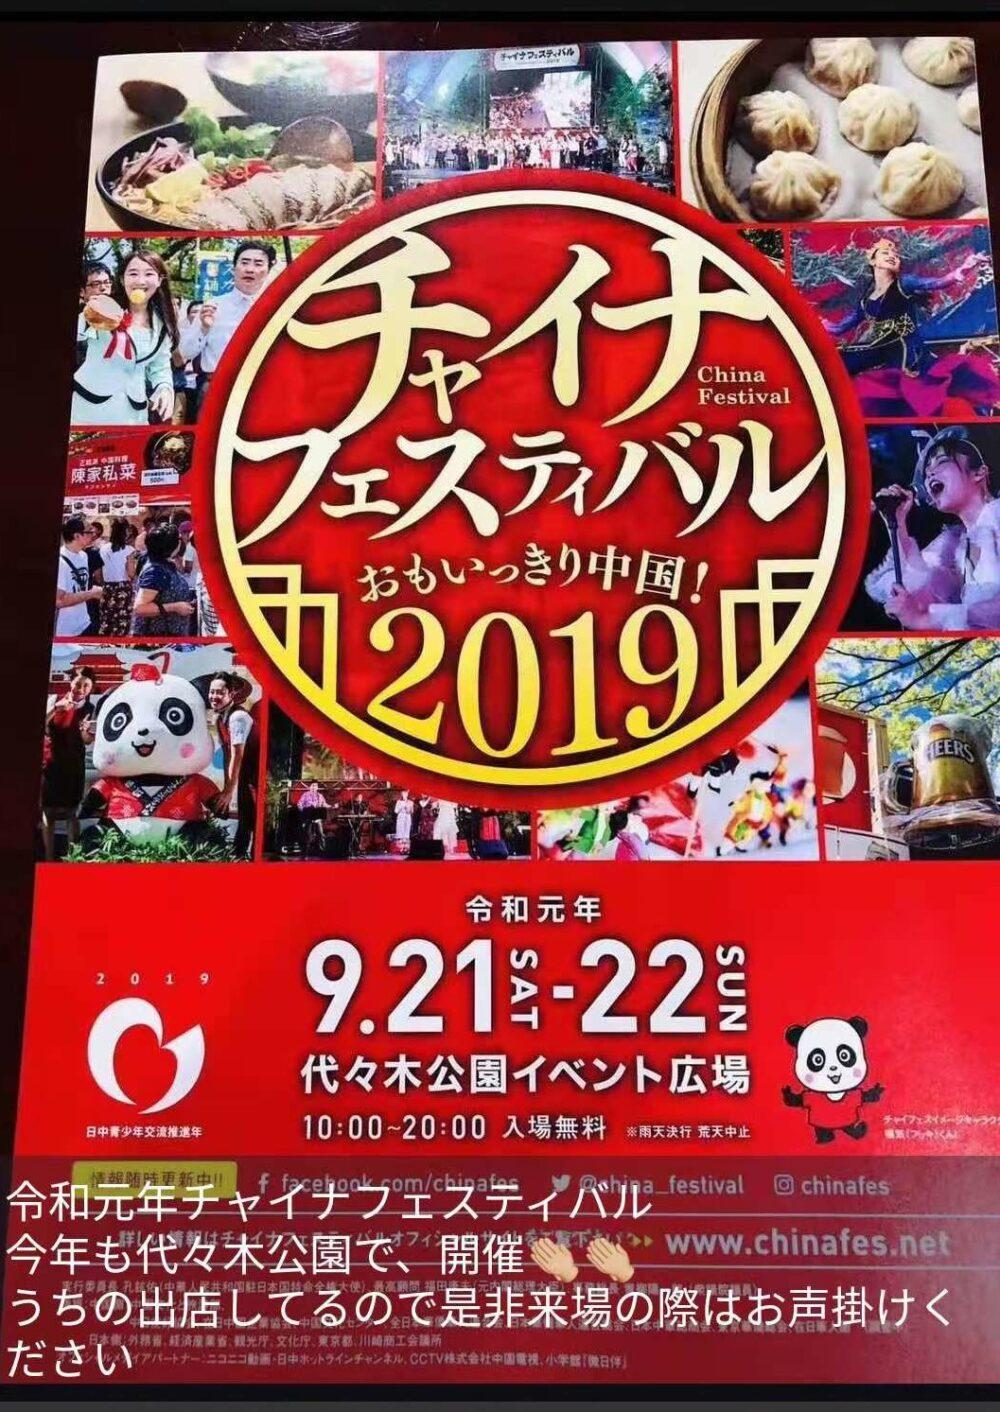 日本で行われている中国イベントのポスターの写真